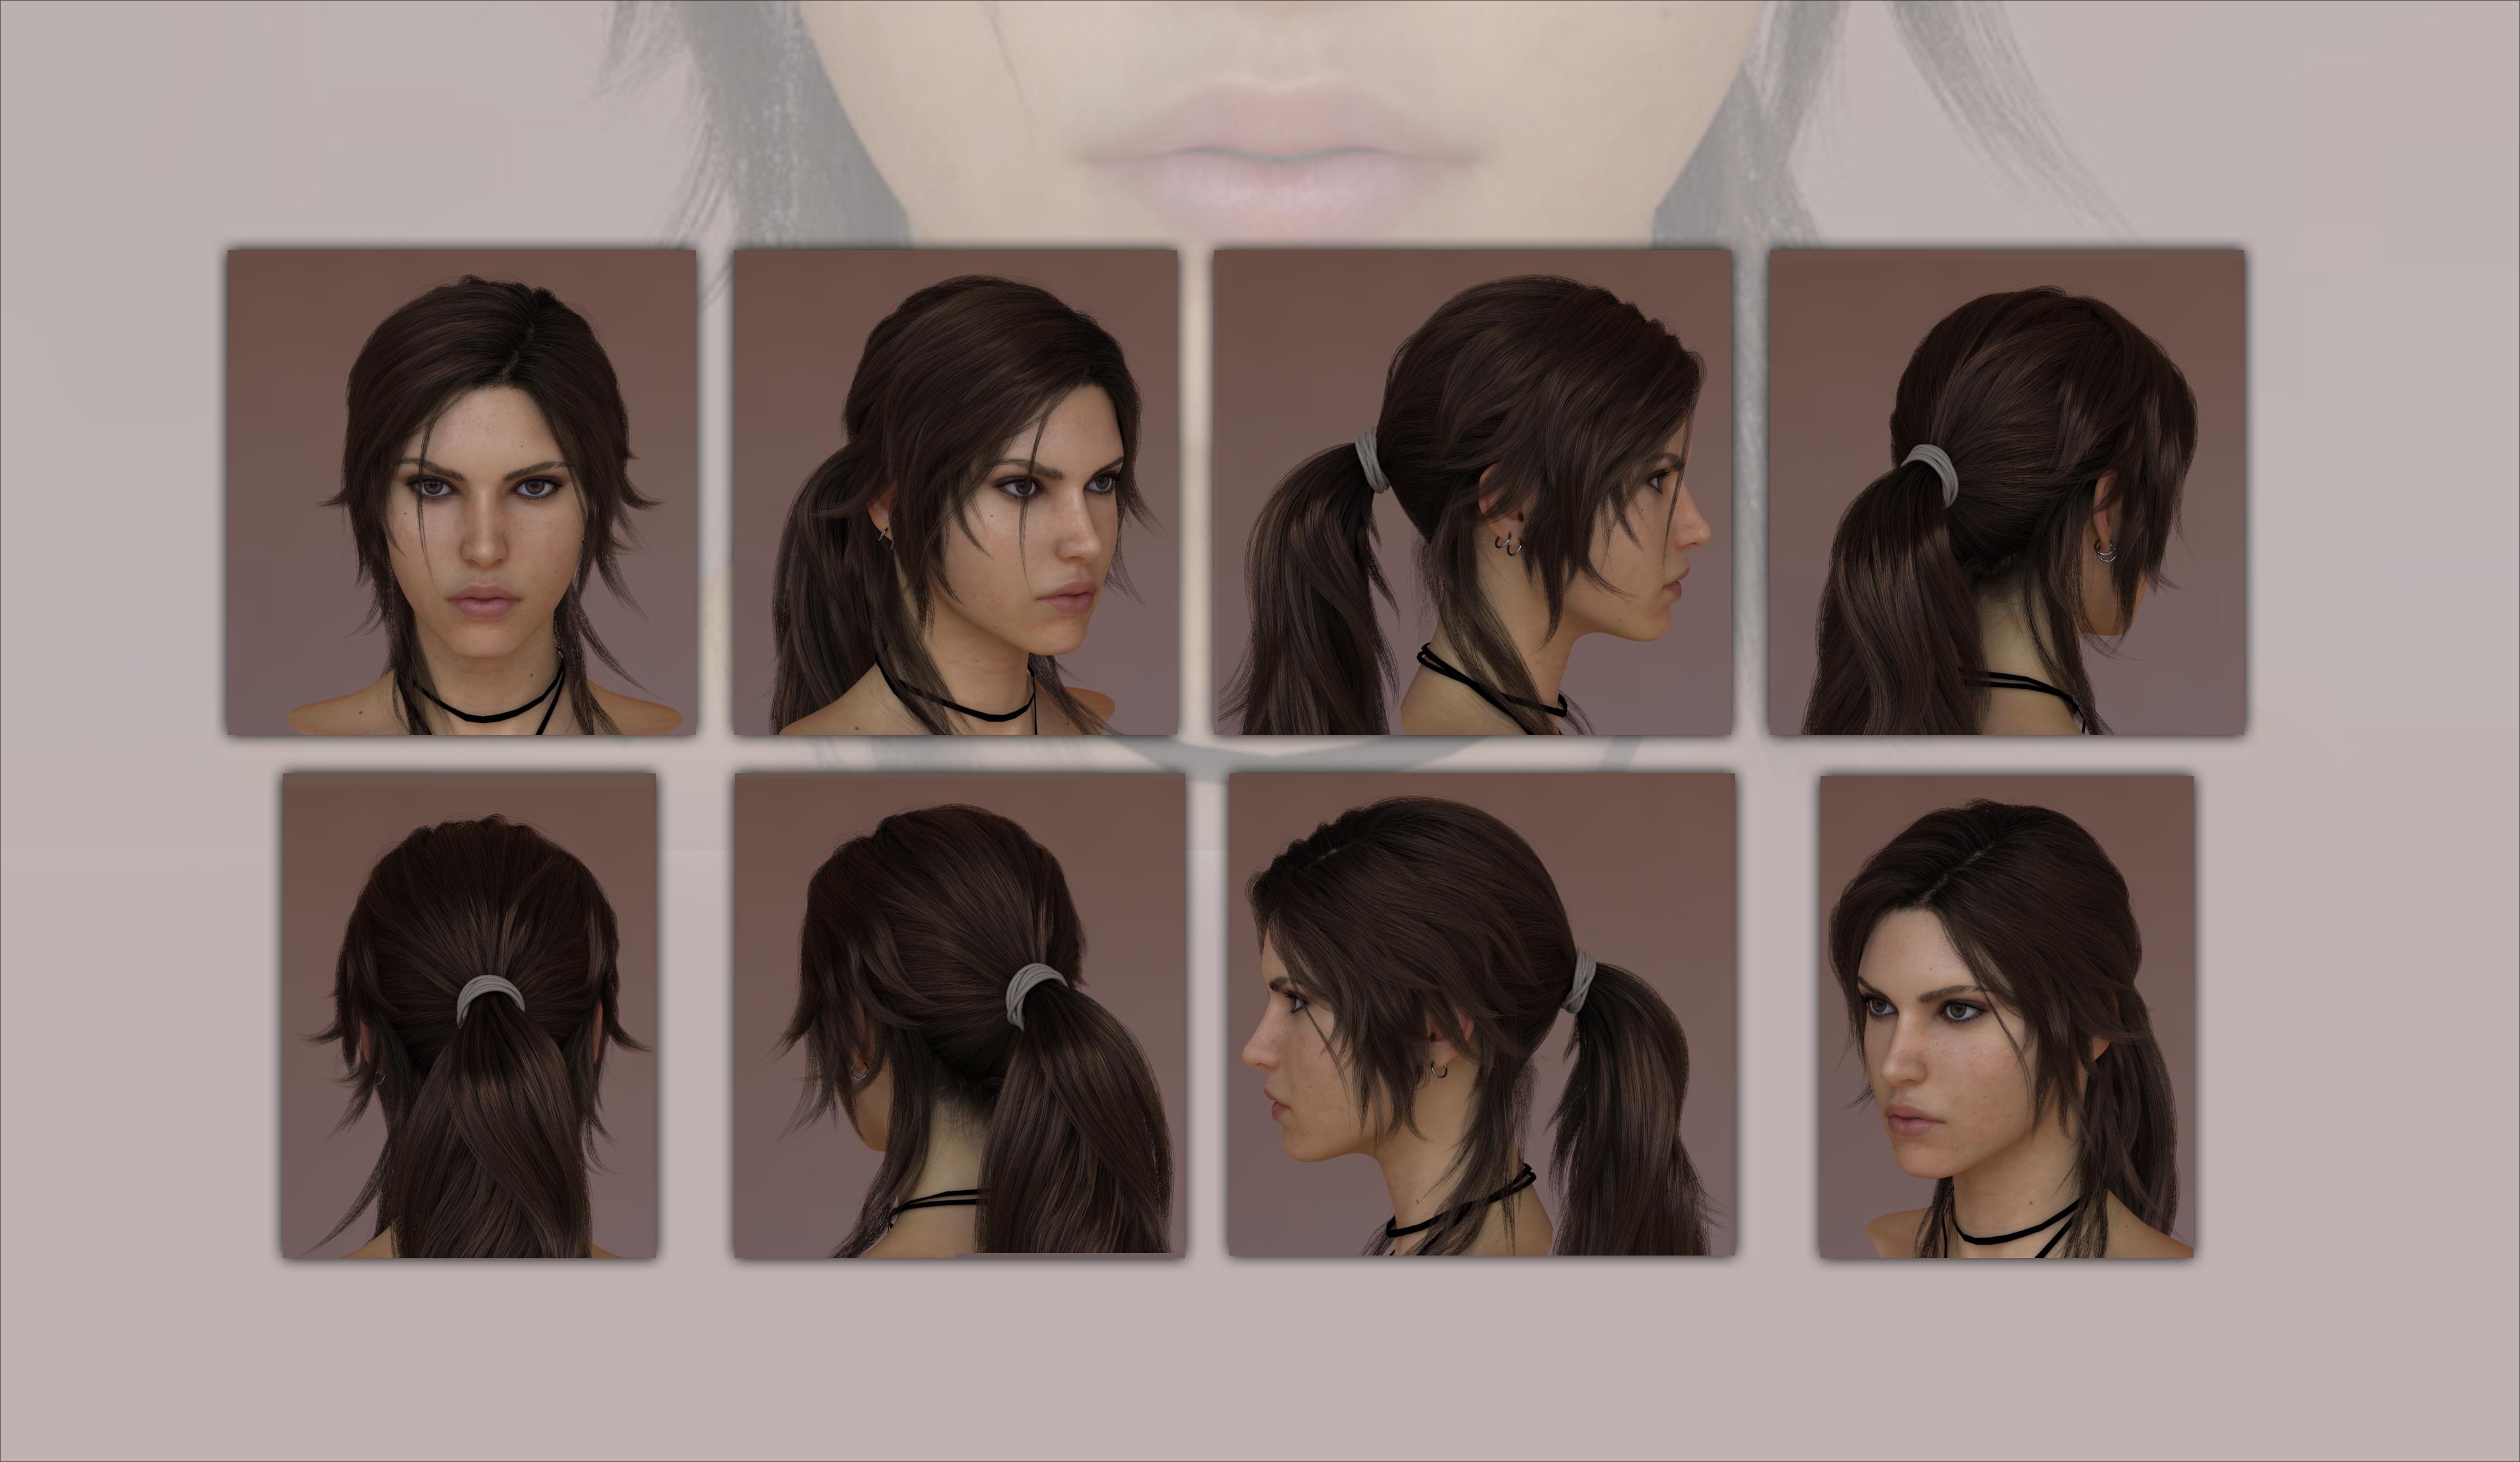 Lara croft hair naked photo